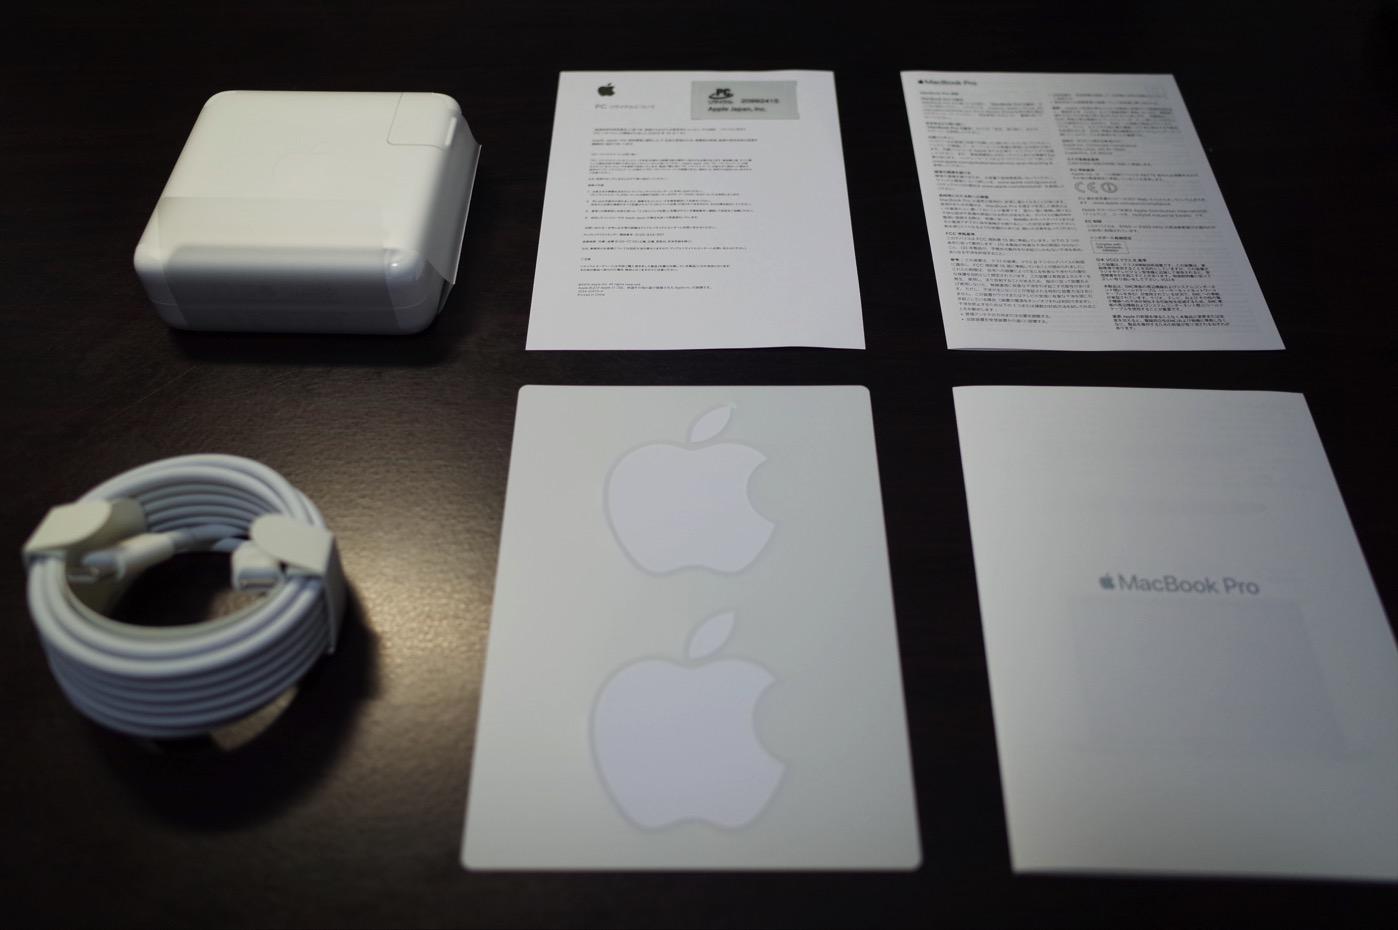 MacBook Pro-9